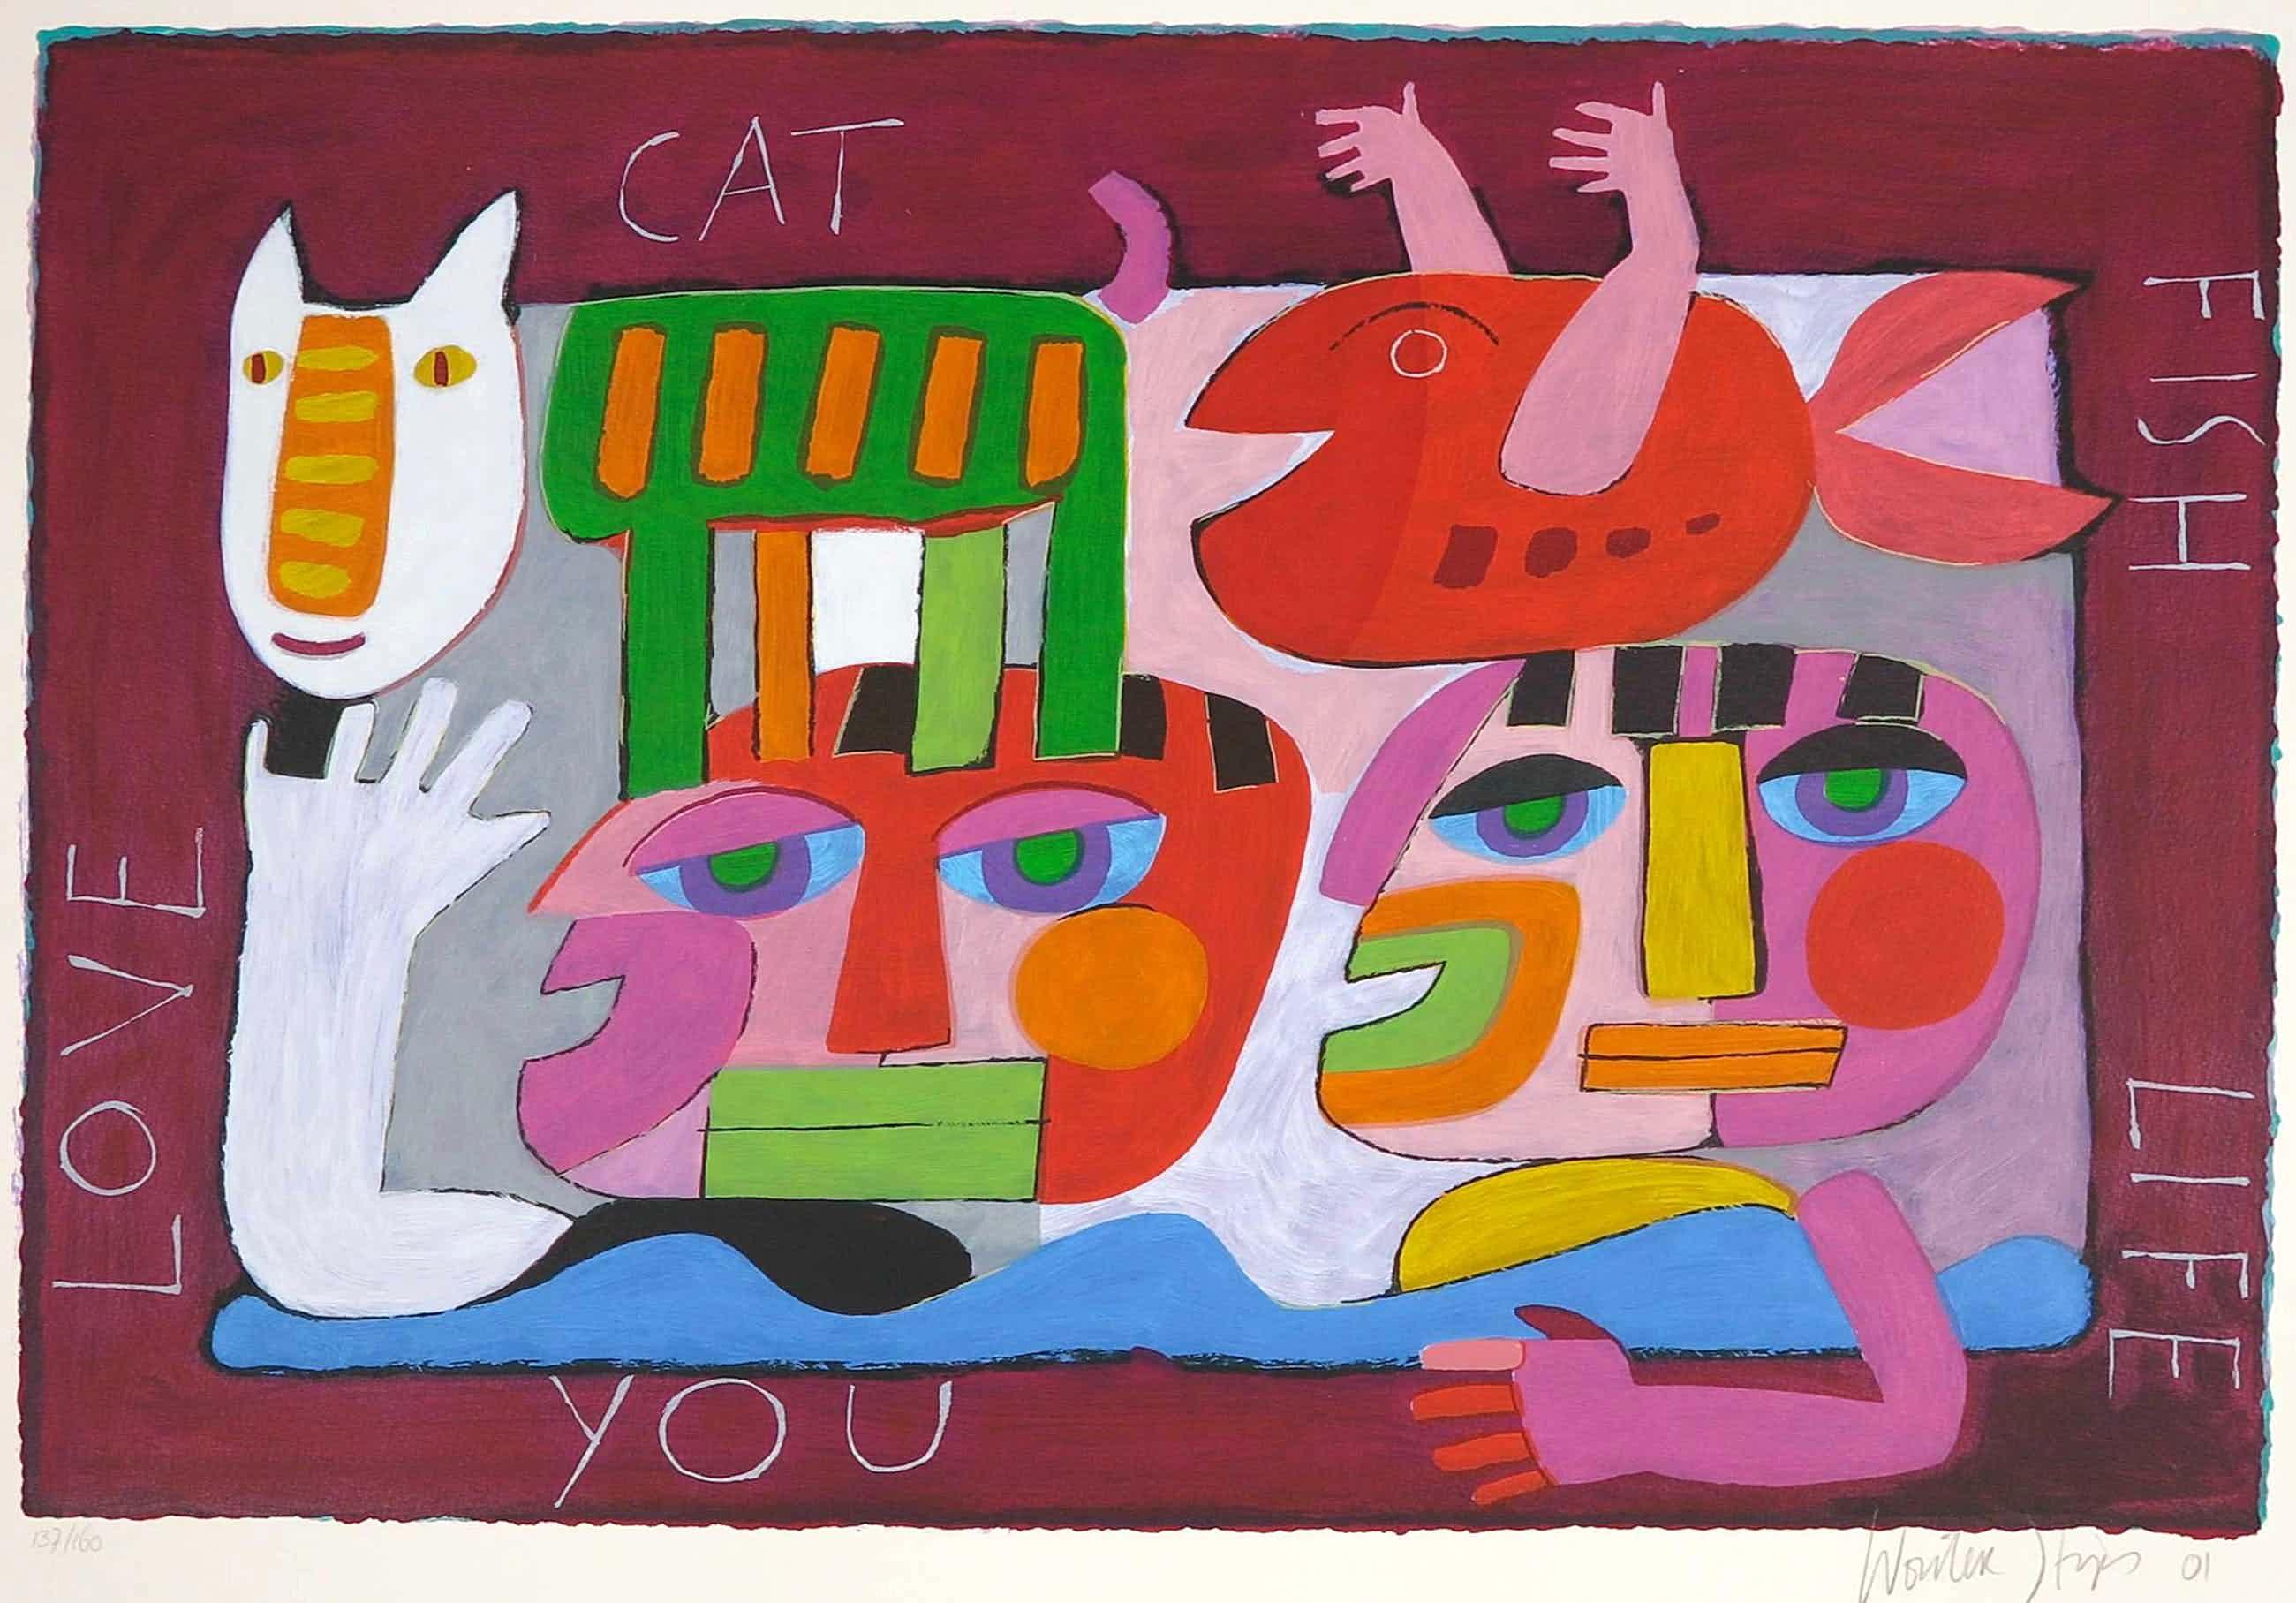 Wouter Stips - Zeefdruk, Love Cat Fish Life You kopen? Bied vanaf 45!